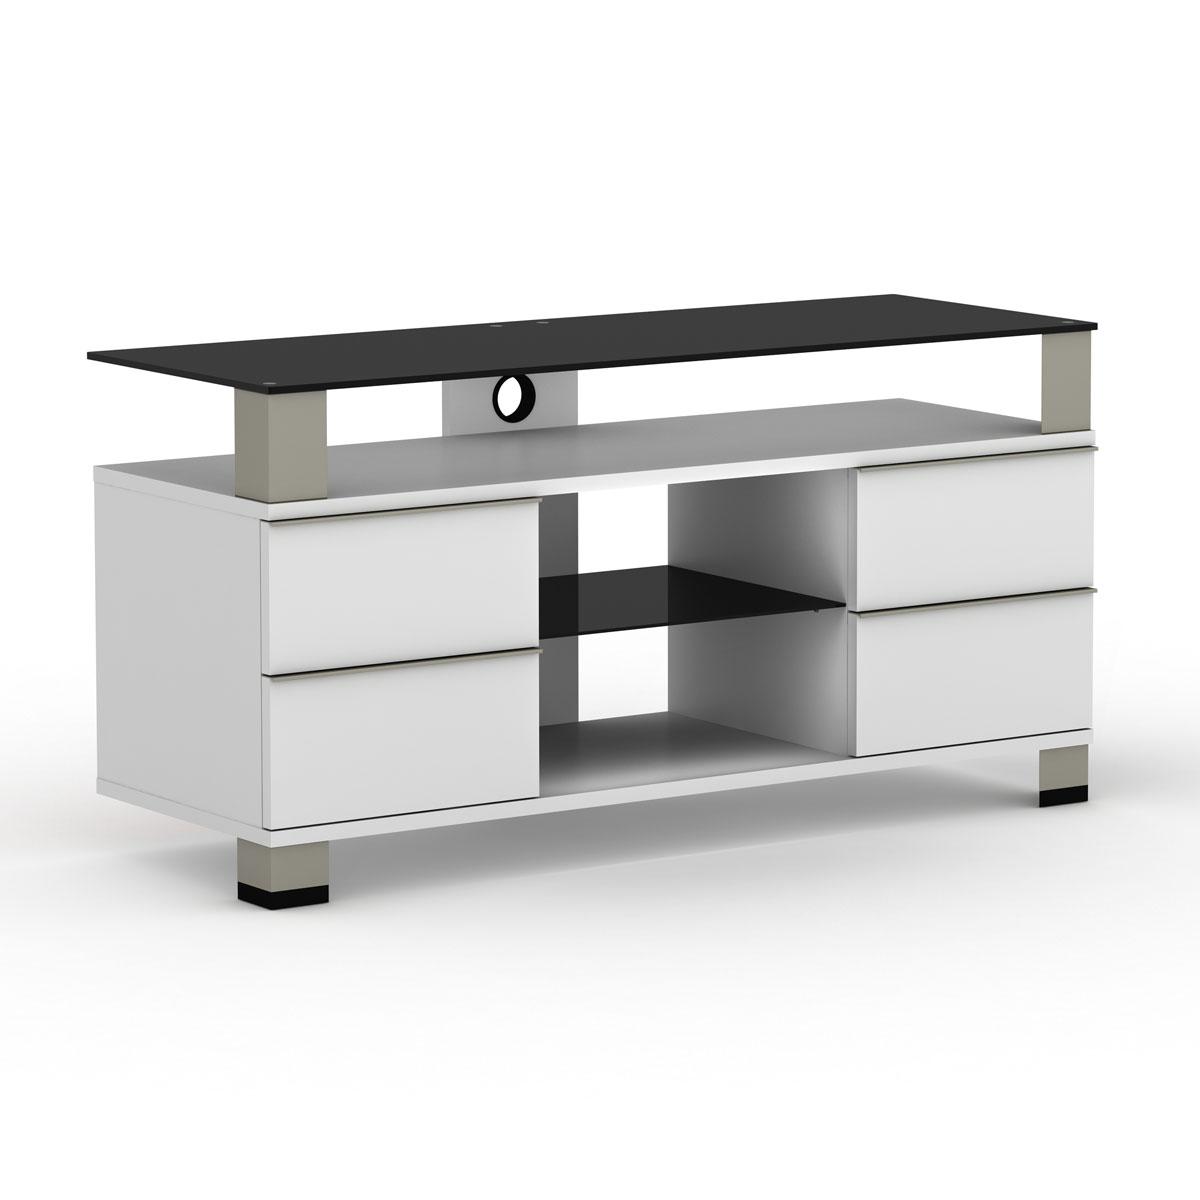 Elmob pone pn 120 02 blanc meuble tv elmob sur ldlc - Meuble tv pour ecran plat ...